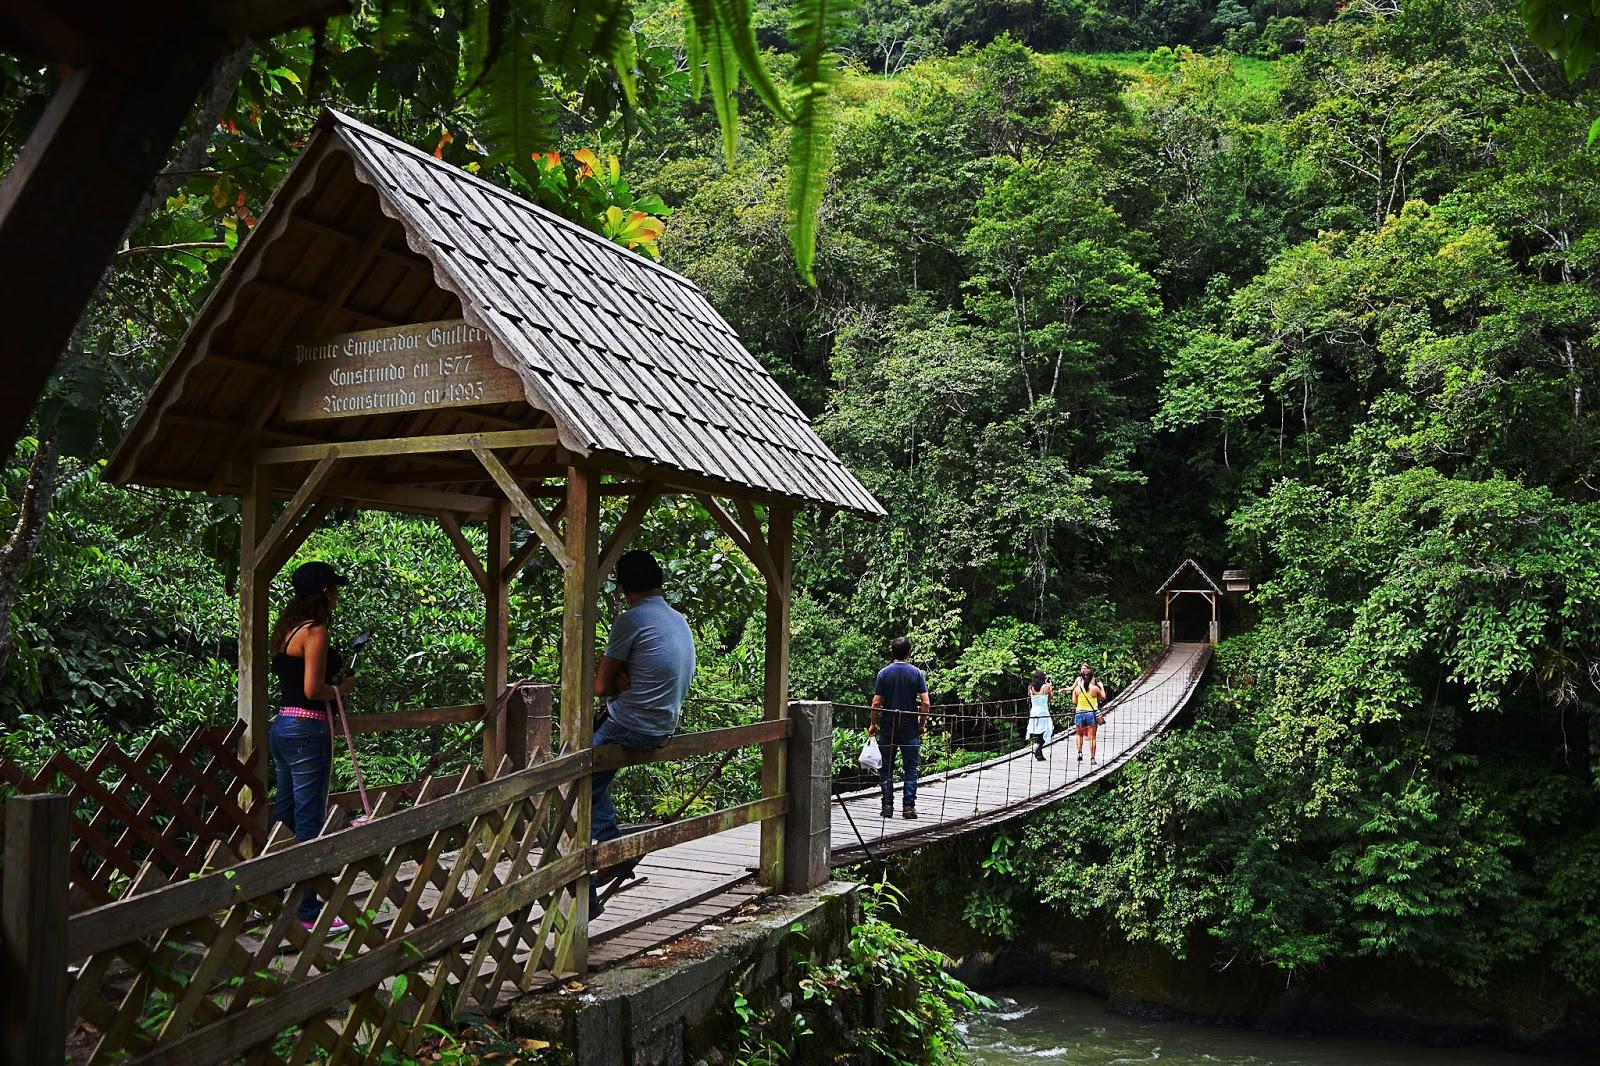 Puente del Emperador Guillermo I. Foto: theculturetrip.com